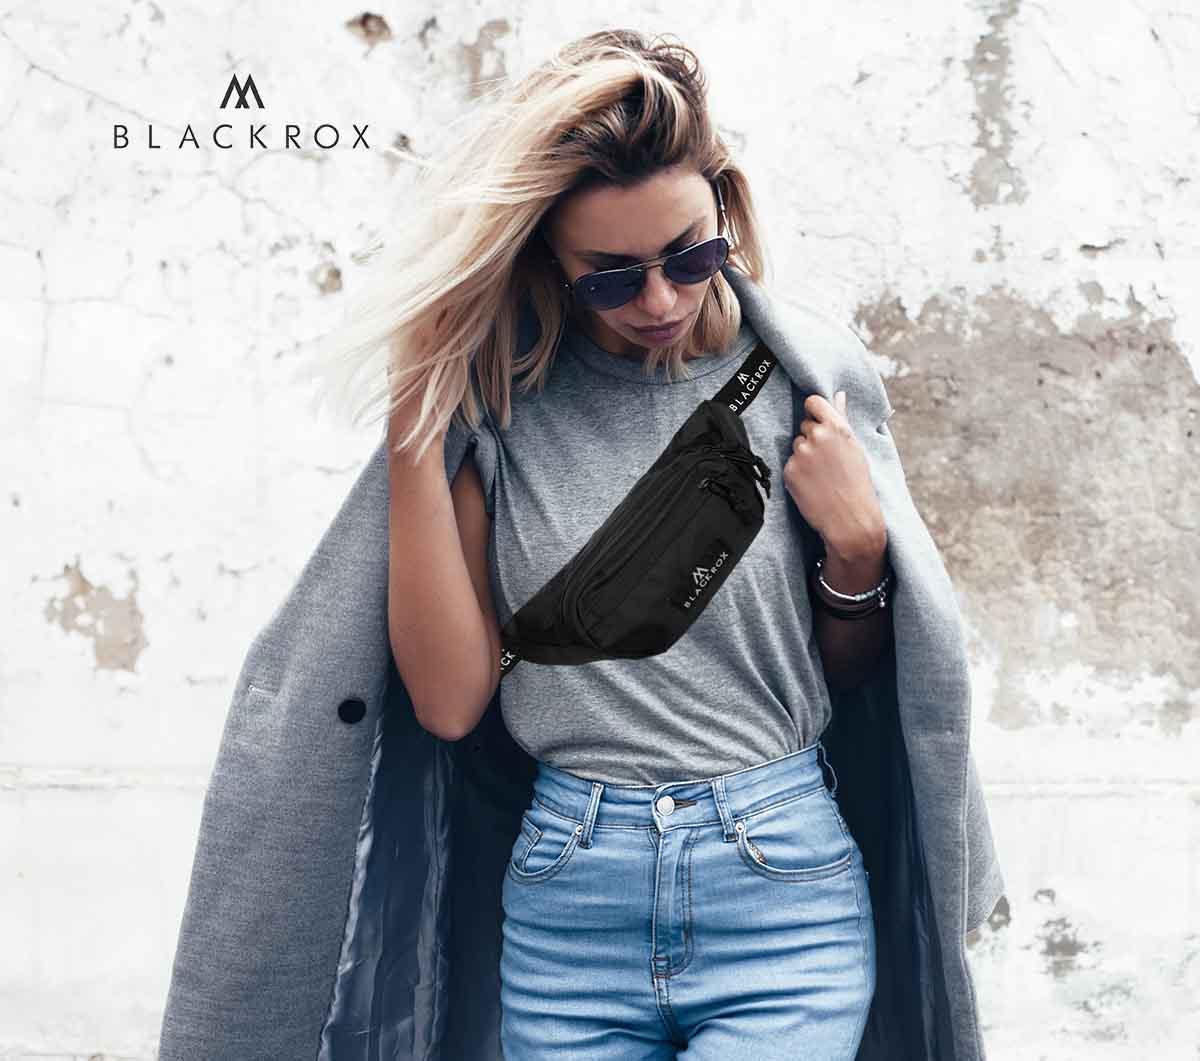 Blackrox_Gürteltasche-Girl.3-min